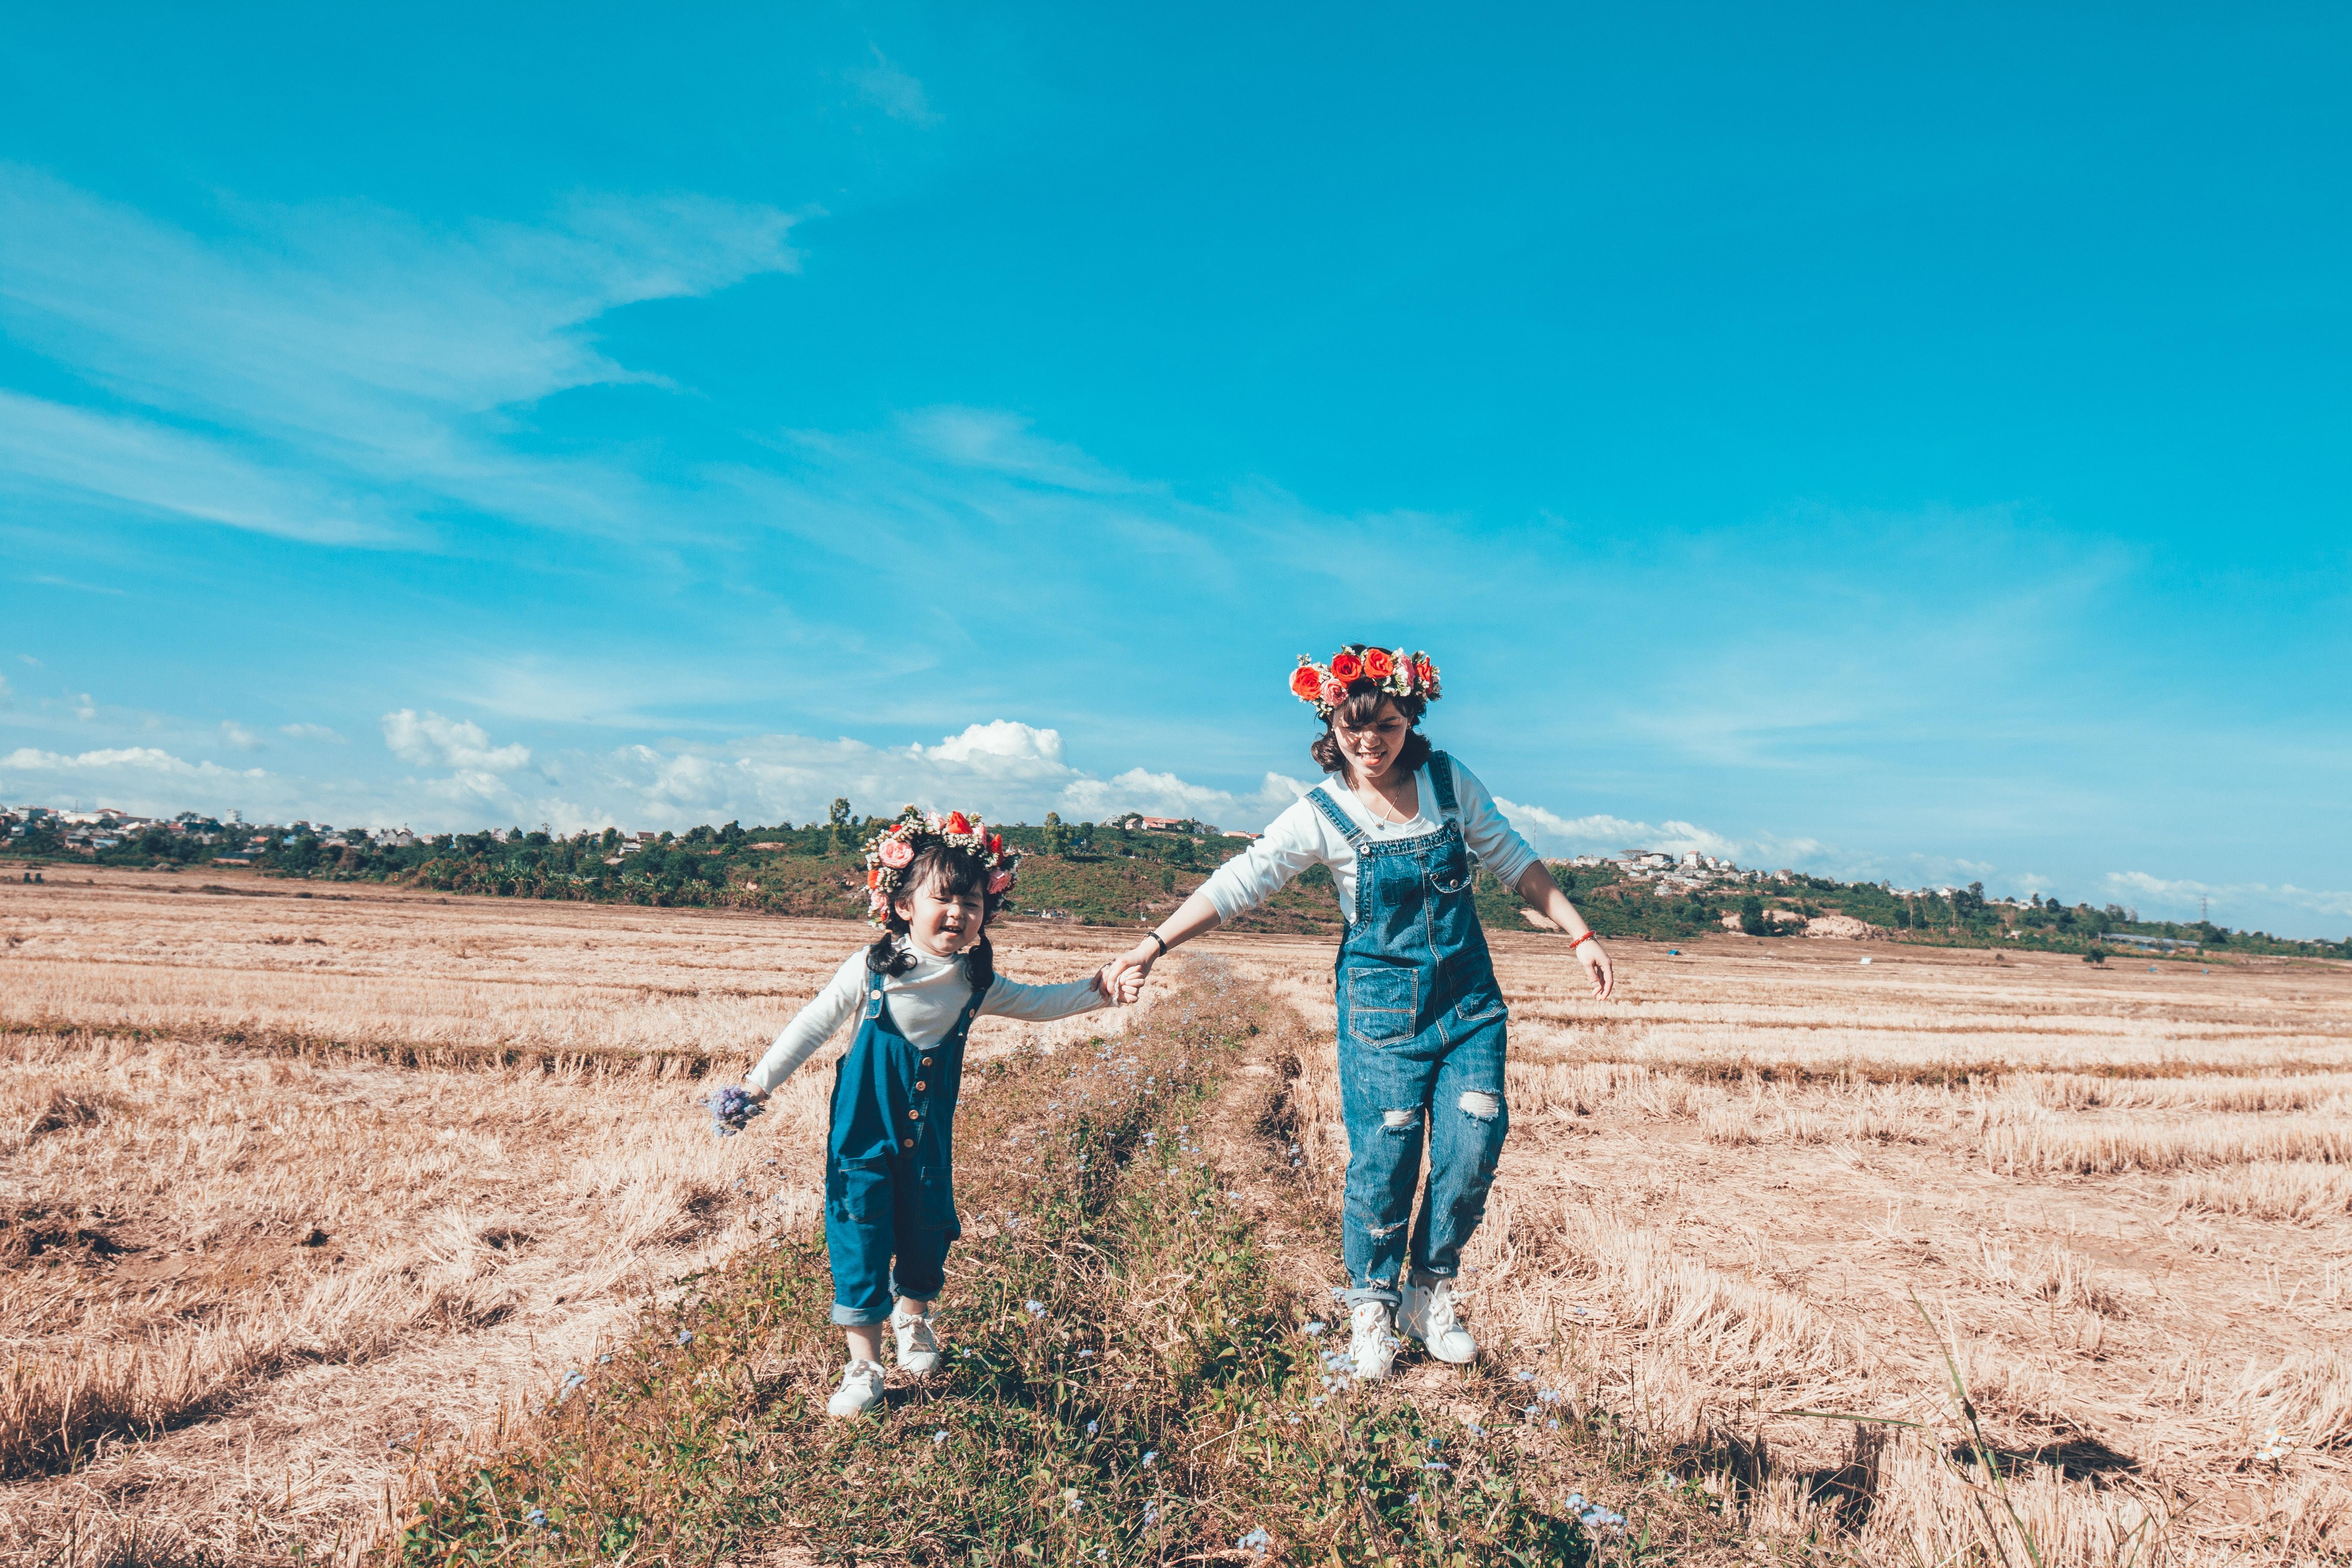 child-cropland-daughter-1680781